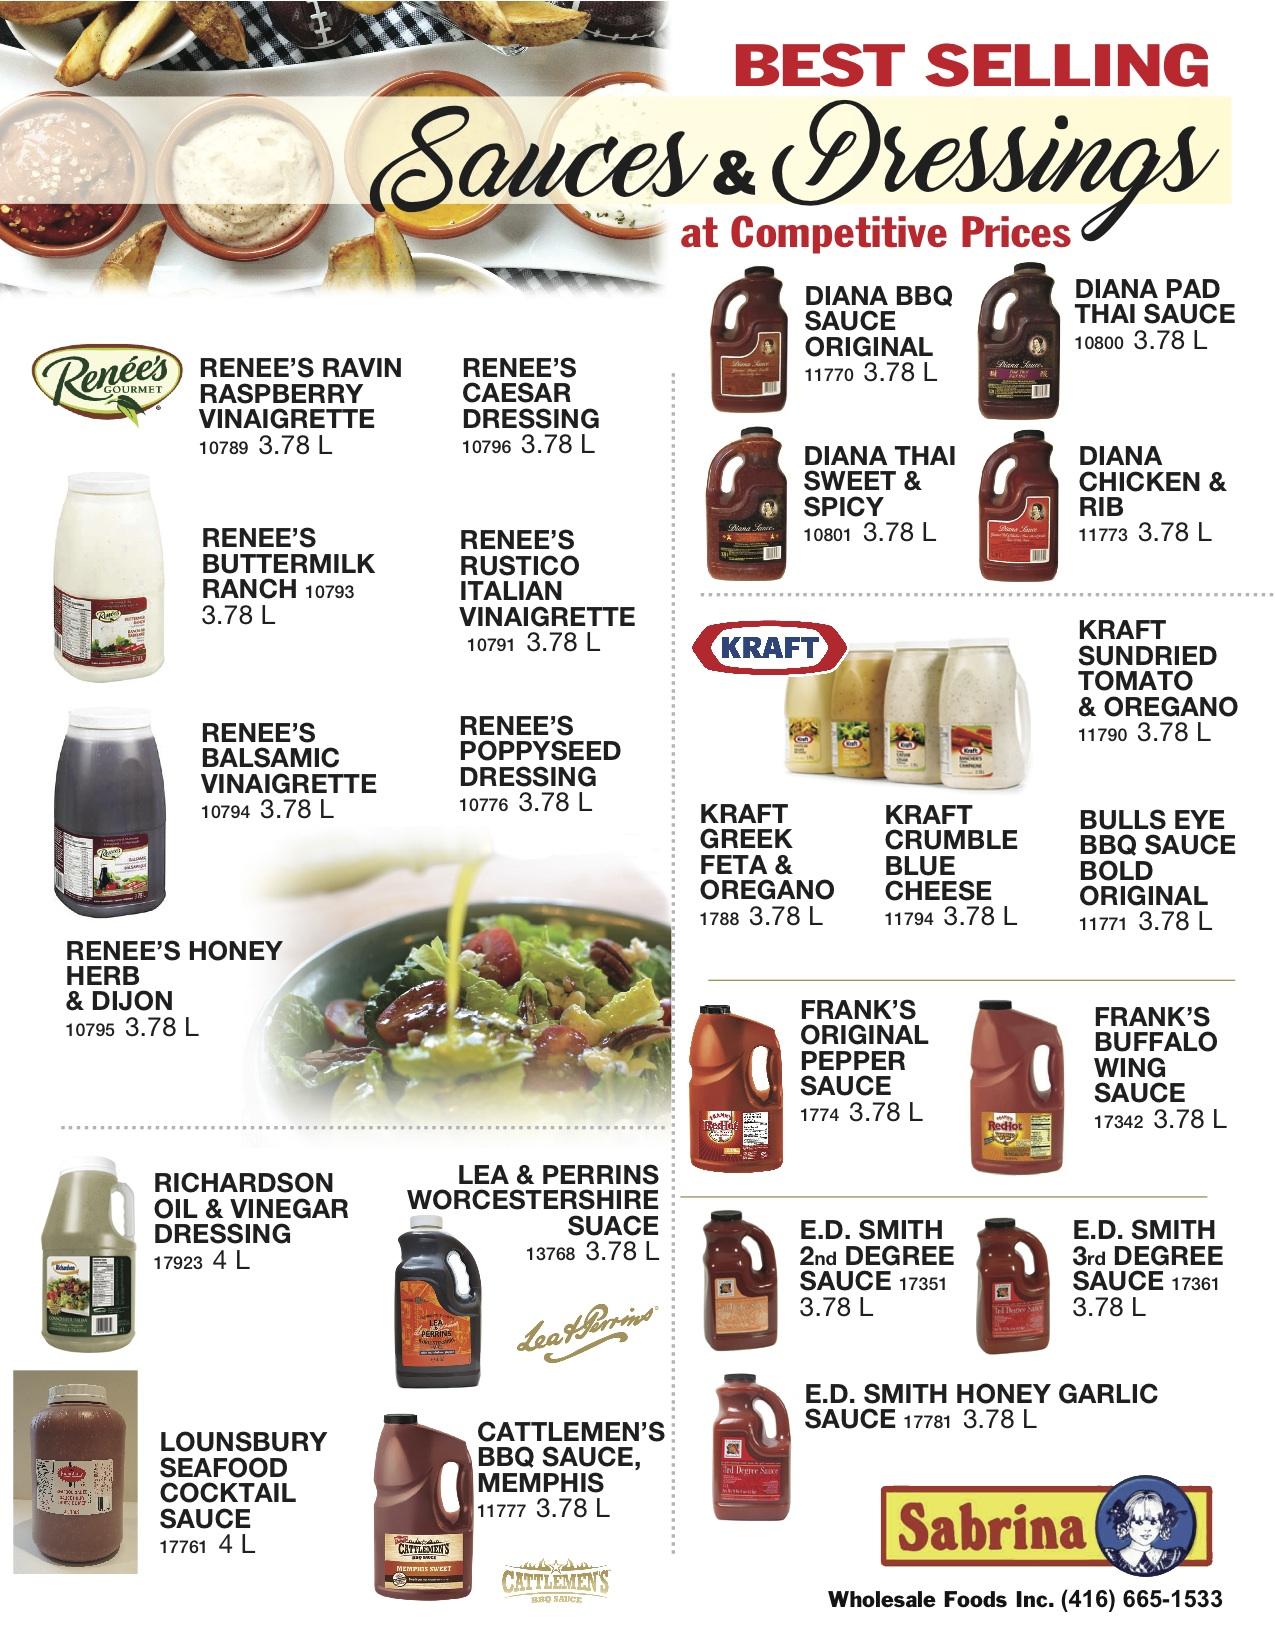 Sabrina sauces and Dressing P1.jpg